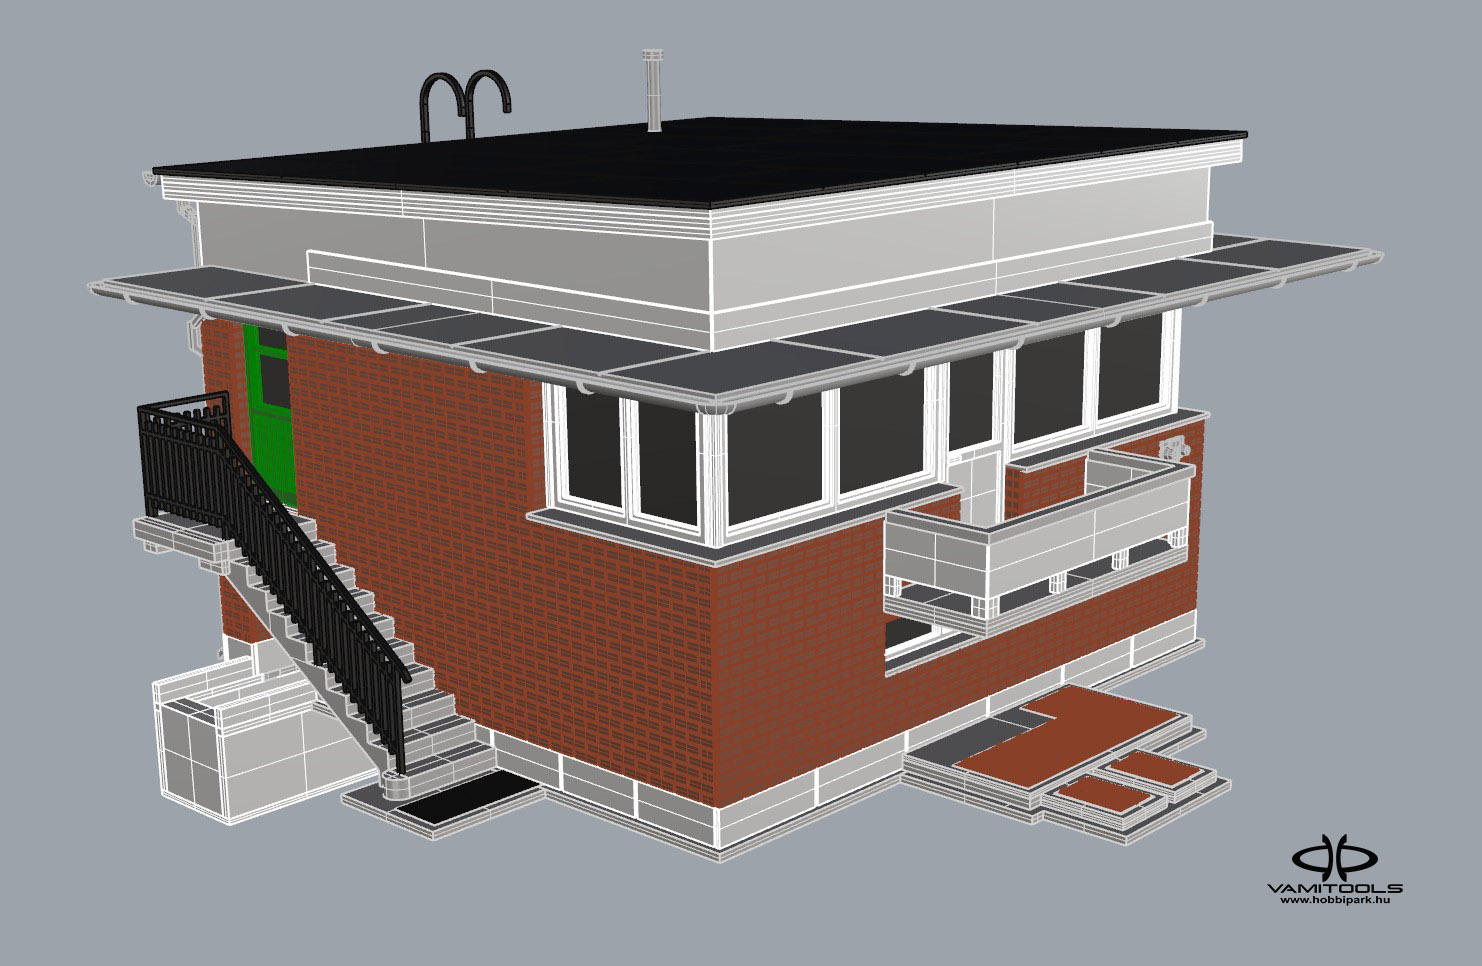 váltókezelő épület, váltókezelő, váltóállító, váltóállító épület, őrhely, vasúti őrhely, épület, ház, végponti szolgálati hely, őrház, vasúi őrház, vasúti épület, MÁV váltókezelő épület, MÁV váltókezelő, MÁV váltóállító, MÁV váltóállító épület, MÁV őrhely, MÁV vasúti őrhely, MÁV épület, MÁV ház, MÁV végponti szolgálati hely, MÁV őrház, MÁV vasúi őrház, MÁV vasúti épület, HÉV váltókezelő épület, HÉV váltókezelő, HÉV váltóállító, HÉV váltóállító épület, HÉV őrhely, HÉV vasúti őrhely, HÉV épület, HÉV ház, HÉV végponti szolgálati hely, HÉV őrház, HÉV vasúi őrház, HÉV vasúti épület, Moha váltókezelő épület, Moha váltókezelő, Moha váltóállító, Moha váltóállító épület, Moha őrhely, Moha vasúti őrhely, Moha épület, Moha ház, Moha végponti szolgálati hely, Moha őrház, Moha vasúi őrház, Moha vasúti épület, terepasztal, dioráma, H0 váltókezelő épület, H0 váltókezelő, H0 váltóállító, H0 váltóállító épület, H0 őrhely, H0 vasúti őrhely, H0 épület, H0 ház, H0 végponti szolgálati hely, H0 őrház, H0 vasúi őrház, H0 vasúti épület, H0 MÁV váltókezelő épület, H0 MÁV váltókezelő, H0 MÁV váltóállító, H0 MÁV váltóállító épület, H0 MÁV őrhely, H0 MÁV vasúti őrhely, H0 MÁV épület, H0 MÁV ház, H0 MÁV végponti szolgálati hely, H0 MÁV őrház, H0 MÁV vasúi őrház, H0 MÁV vasúti épület, H0 HÉV váltókezelő épület, H0 HÉV váltókezelő, H0 HÉV váltóállító, H0 HÉV váltóállító épület, H0 HÉV őrhely, H0 HÉV vasúti őrhely, H0 HÉV épület, H0 HÉV ház, H0 HÉV végponti szolgálati hely, H0 HÉV őrház, H0 HÉV vasúi őrház, H0 HÉV vasúti épület, H0 Moha váltókezelő épület, H0 Moha váltókezelő, H0 Moha váltóállító, H0 Moha váltóállító épület, H0 Moha őrhely, H0 Moha vasúti őrhely, H0 Moha épület, H0 Moha ház, H0 Moha végponti szolgálati hely, H0 Moha őrház, H0 Moha vasúi őrház, H0 Moha vasúti épület, H0 terepasztal, H0 dioráma, 1:87 váltókezelő épület, 1:87 váltókezelő, 1:87 váltóállító, 1:87 váltóállító épület, 1:87 őrhely, 1:87 vasúti őrhely, 1:87 épület, 1:87 ház, 1:87 végponti szolgálati hely, 1:87 őrház, 1:87 